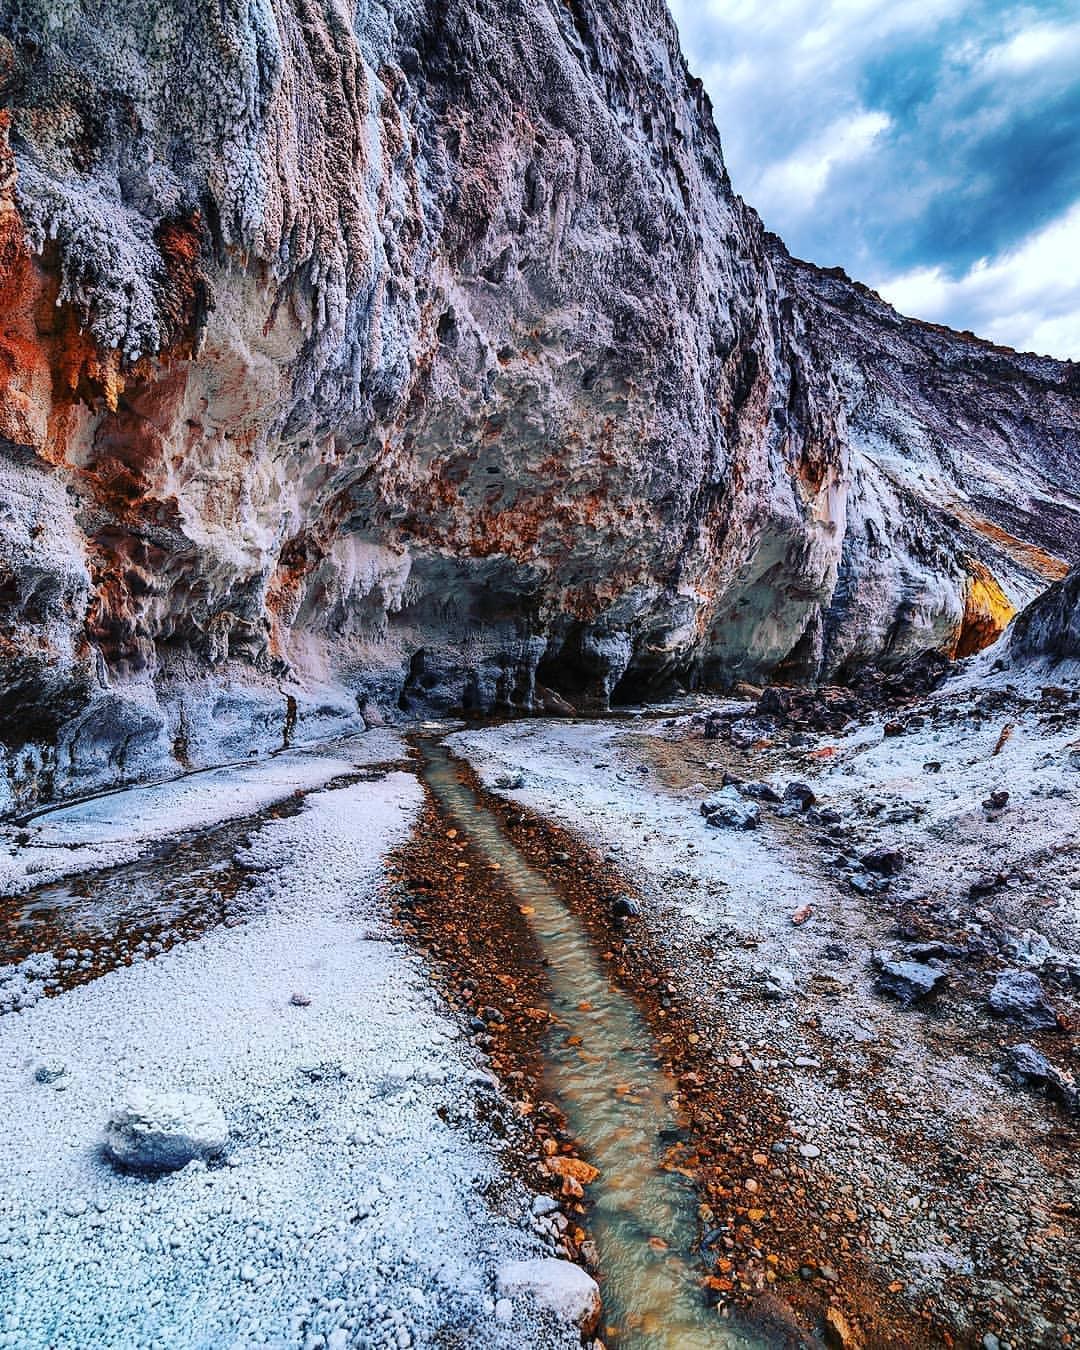 غار خرسین، گردشگری بندرعباس